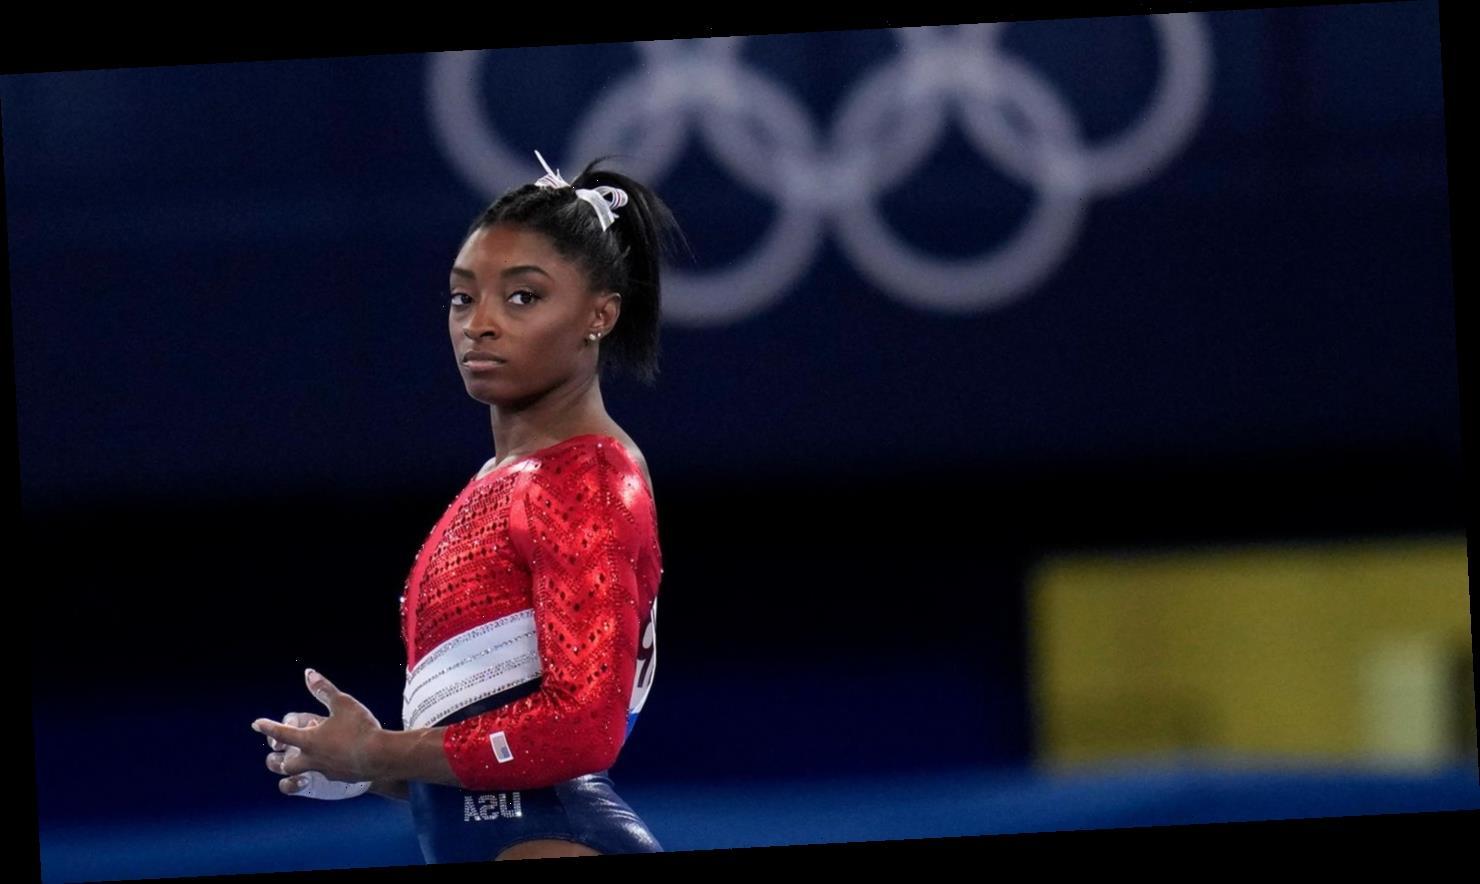 Psychische Gesundheit: Warum wir uns alle ein Beispiel an Olympia-Turnerin Simone Biles nehmen sollten